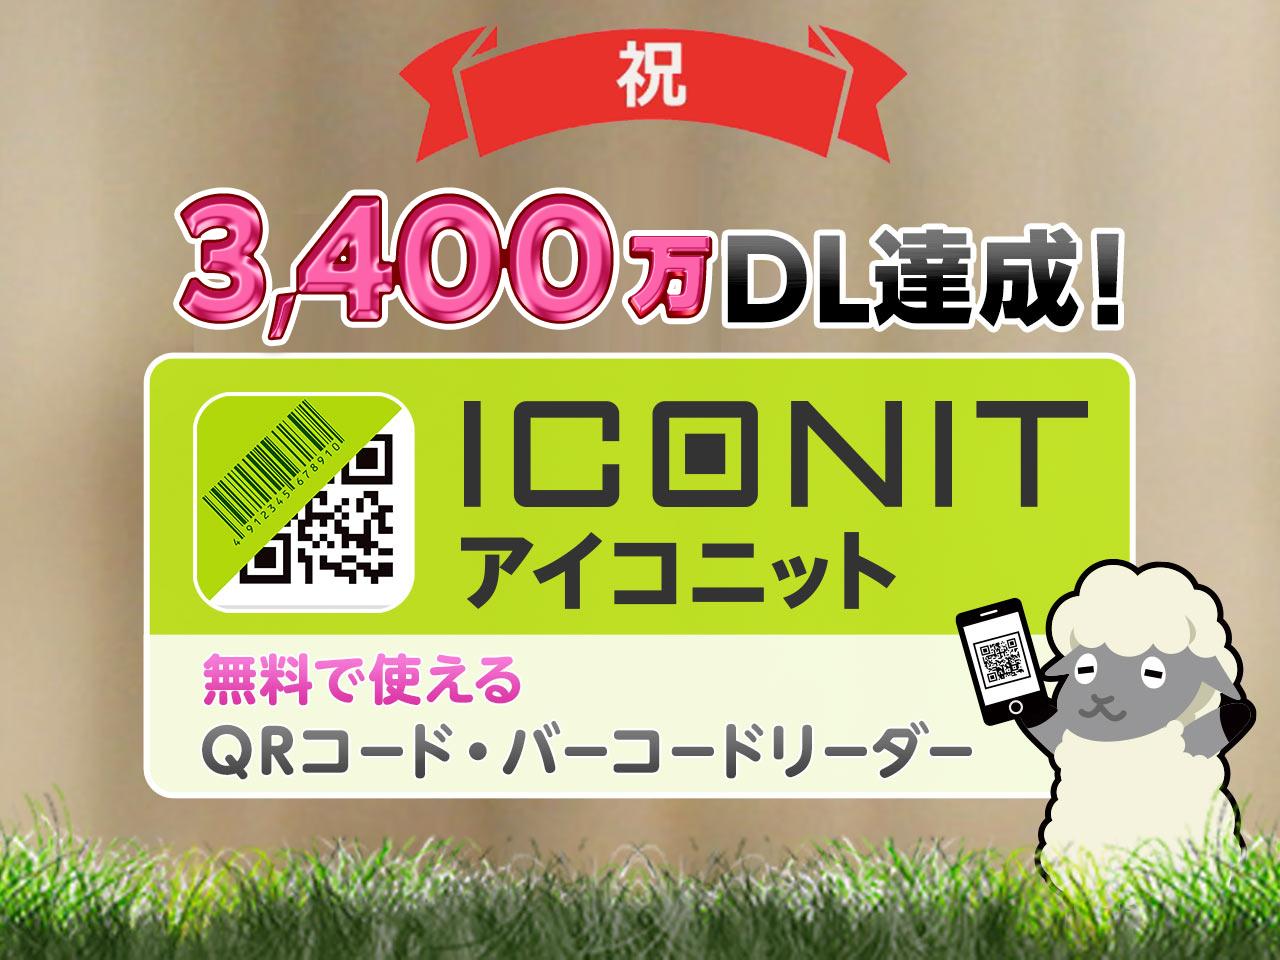 QRコードリーダー ICONIT